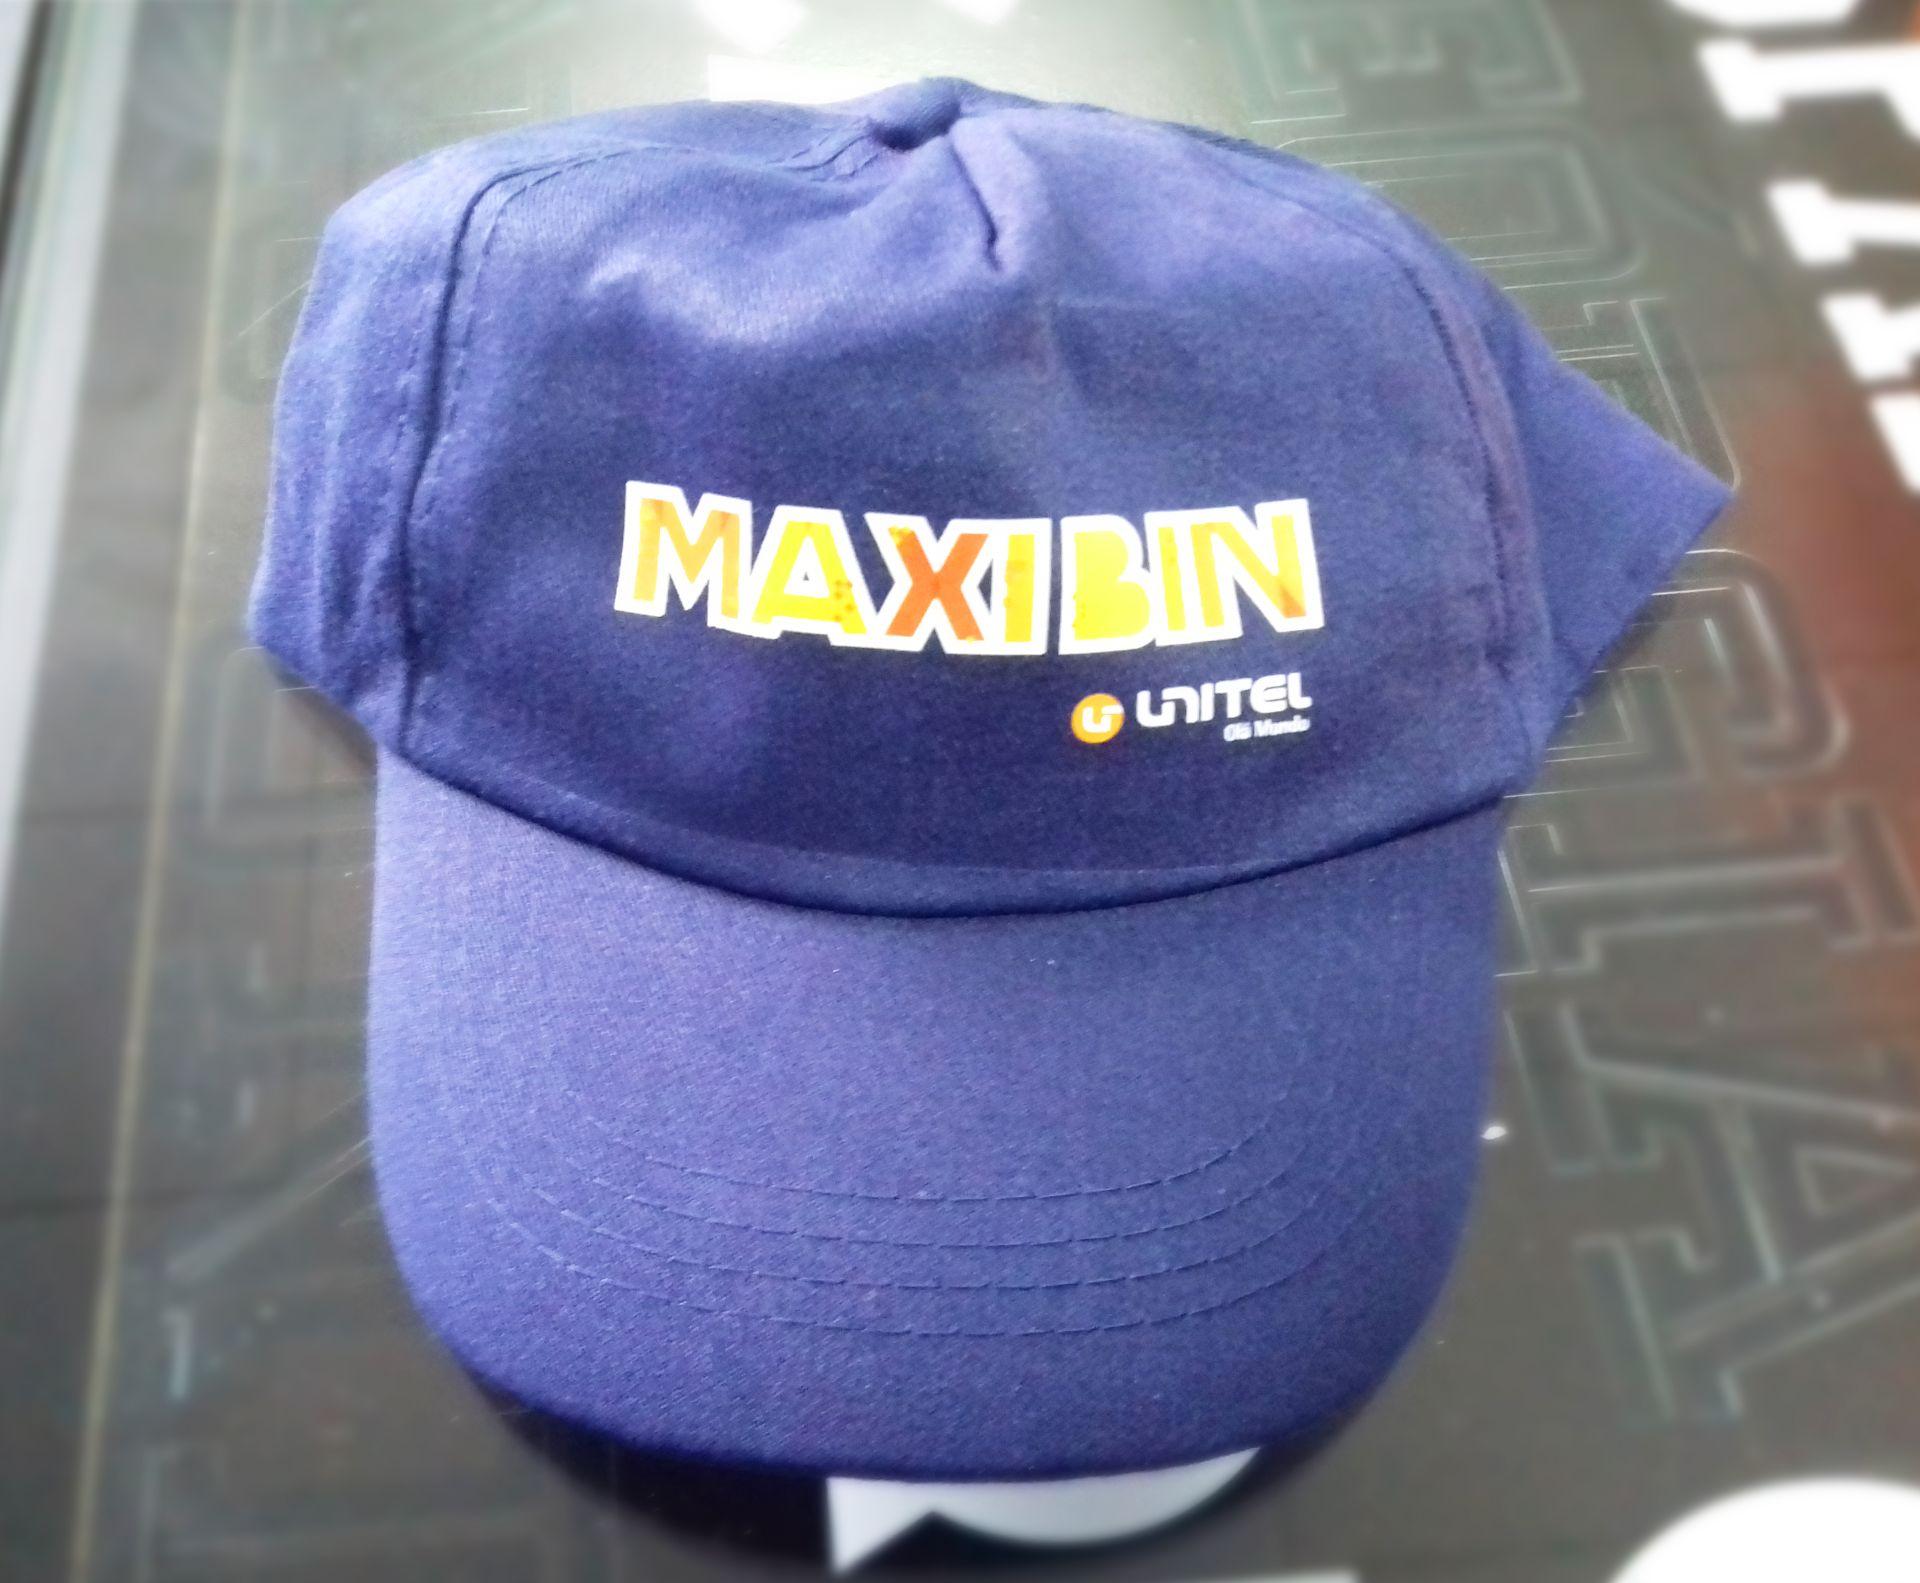 unitel maxibin